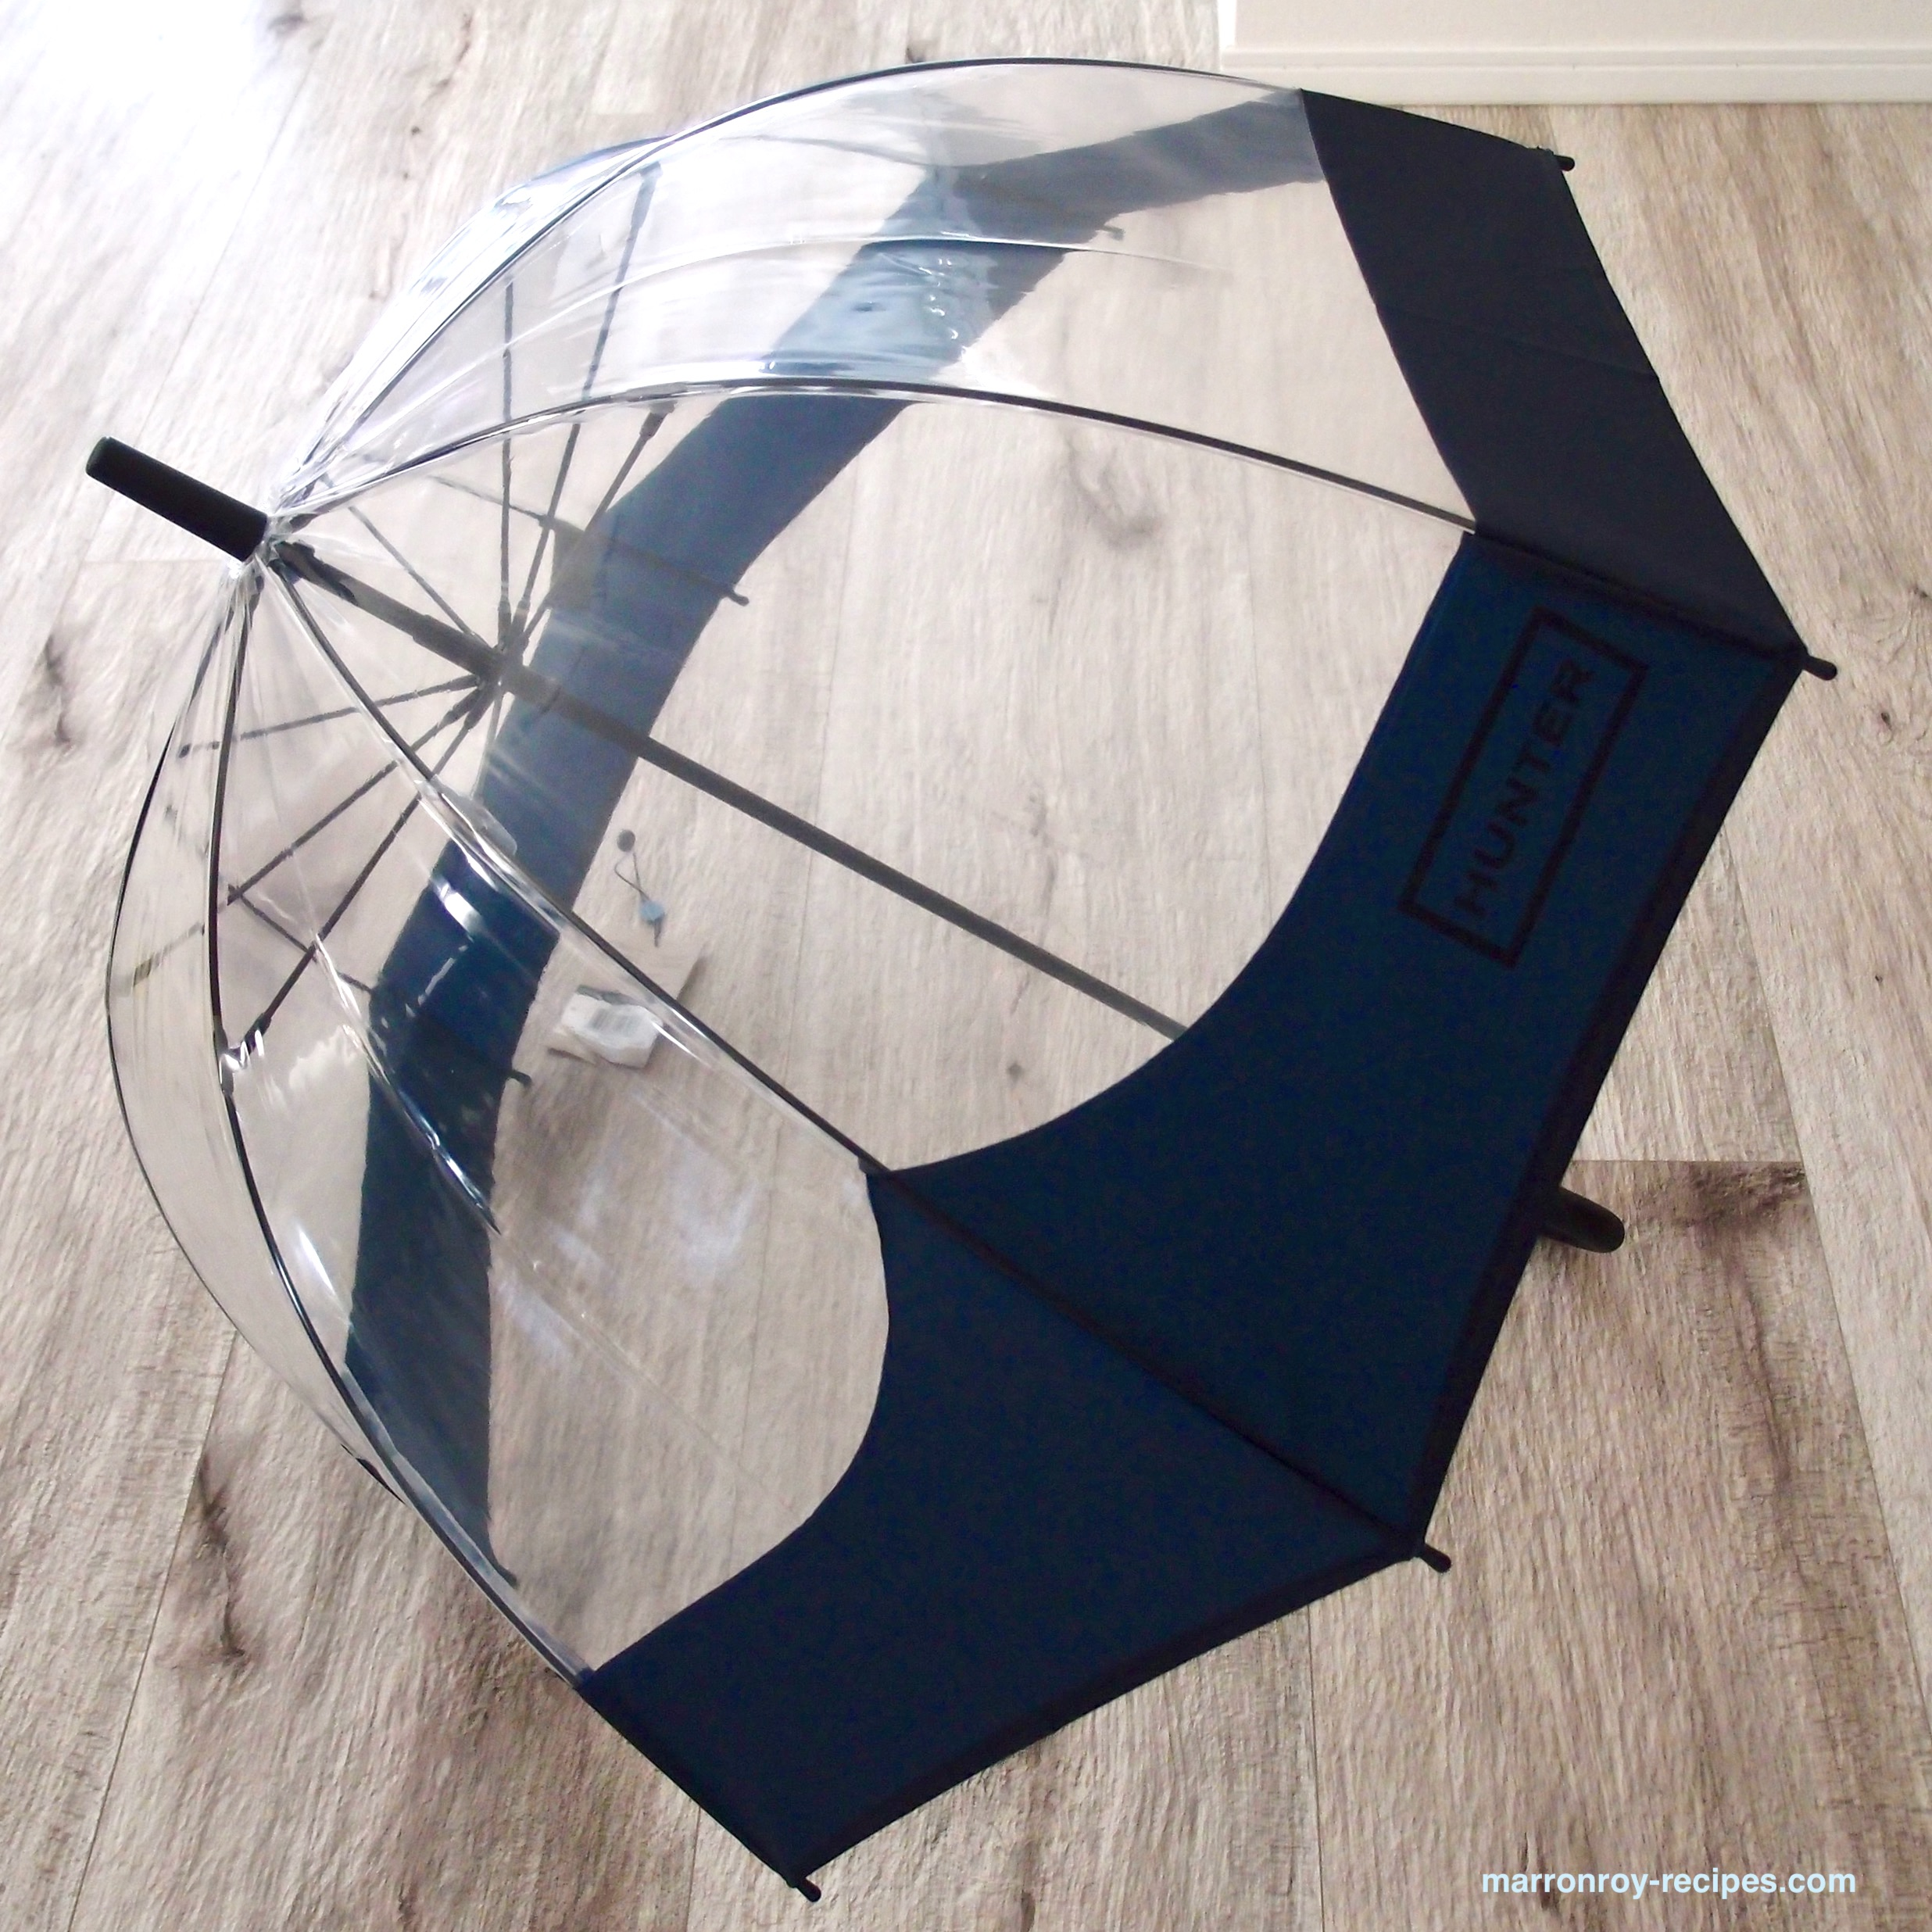 ハンター傘広げたところ